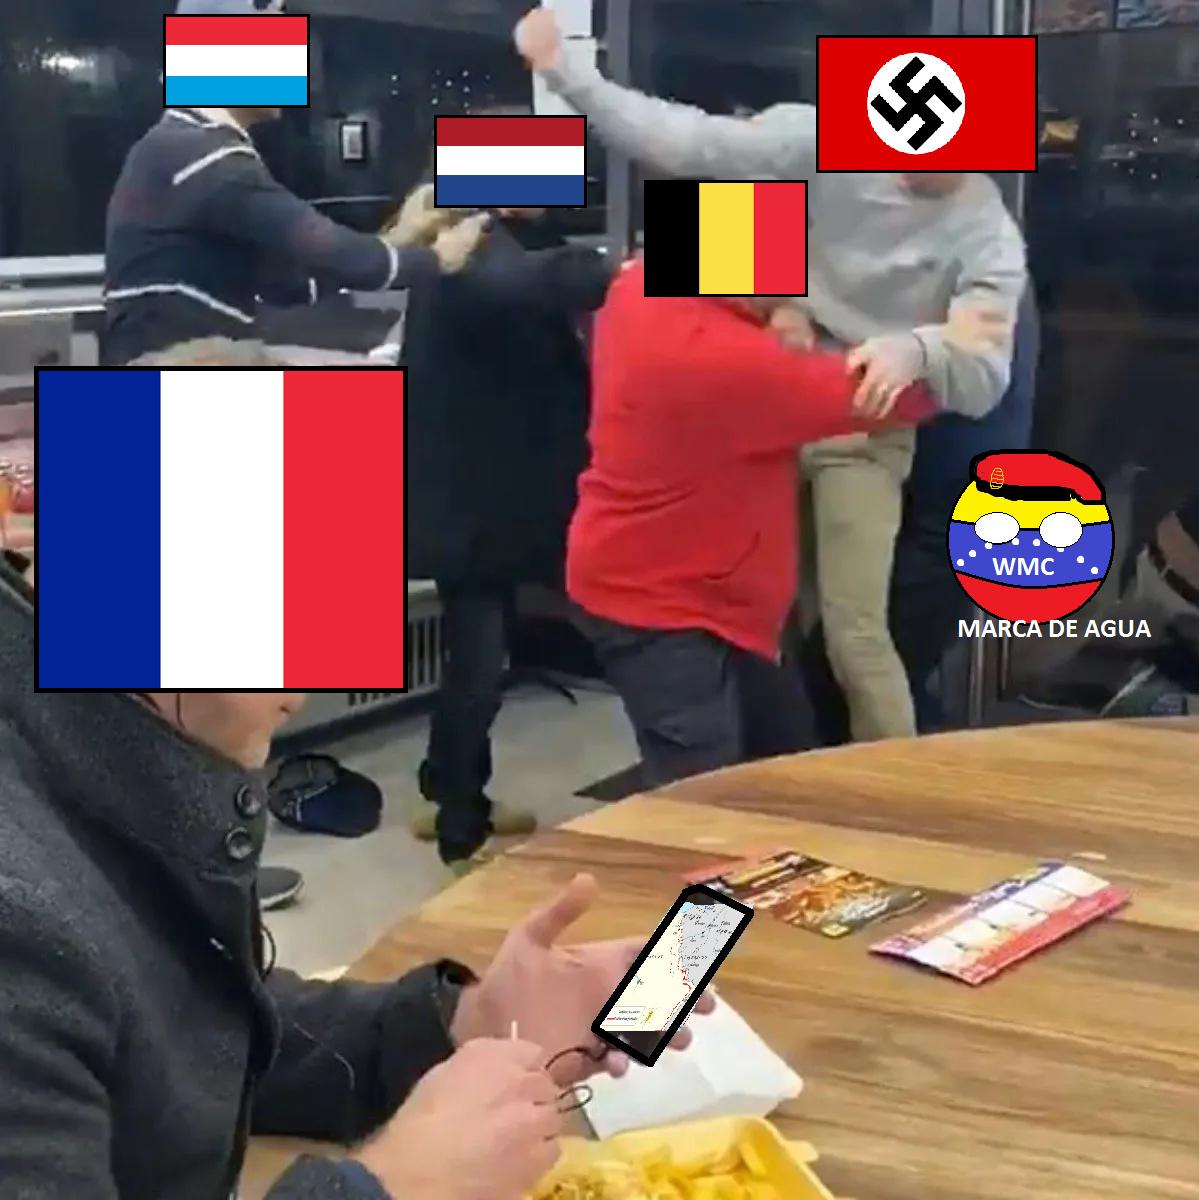 Primer meme en paint desde hace mucho tiempo, Explicacion: Momentos antes de la ocupacion nazi en Francia